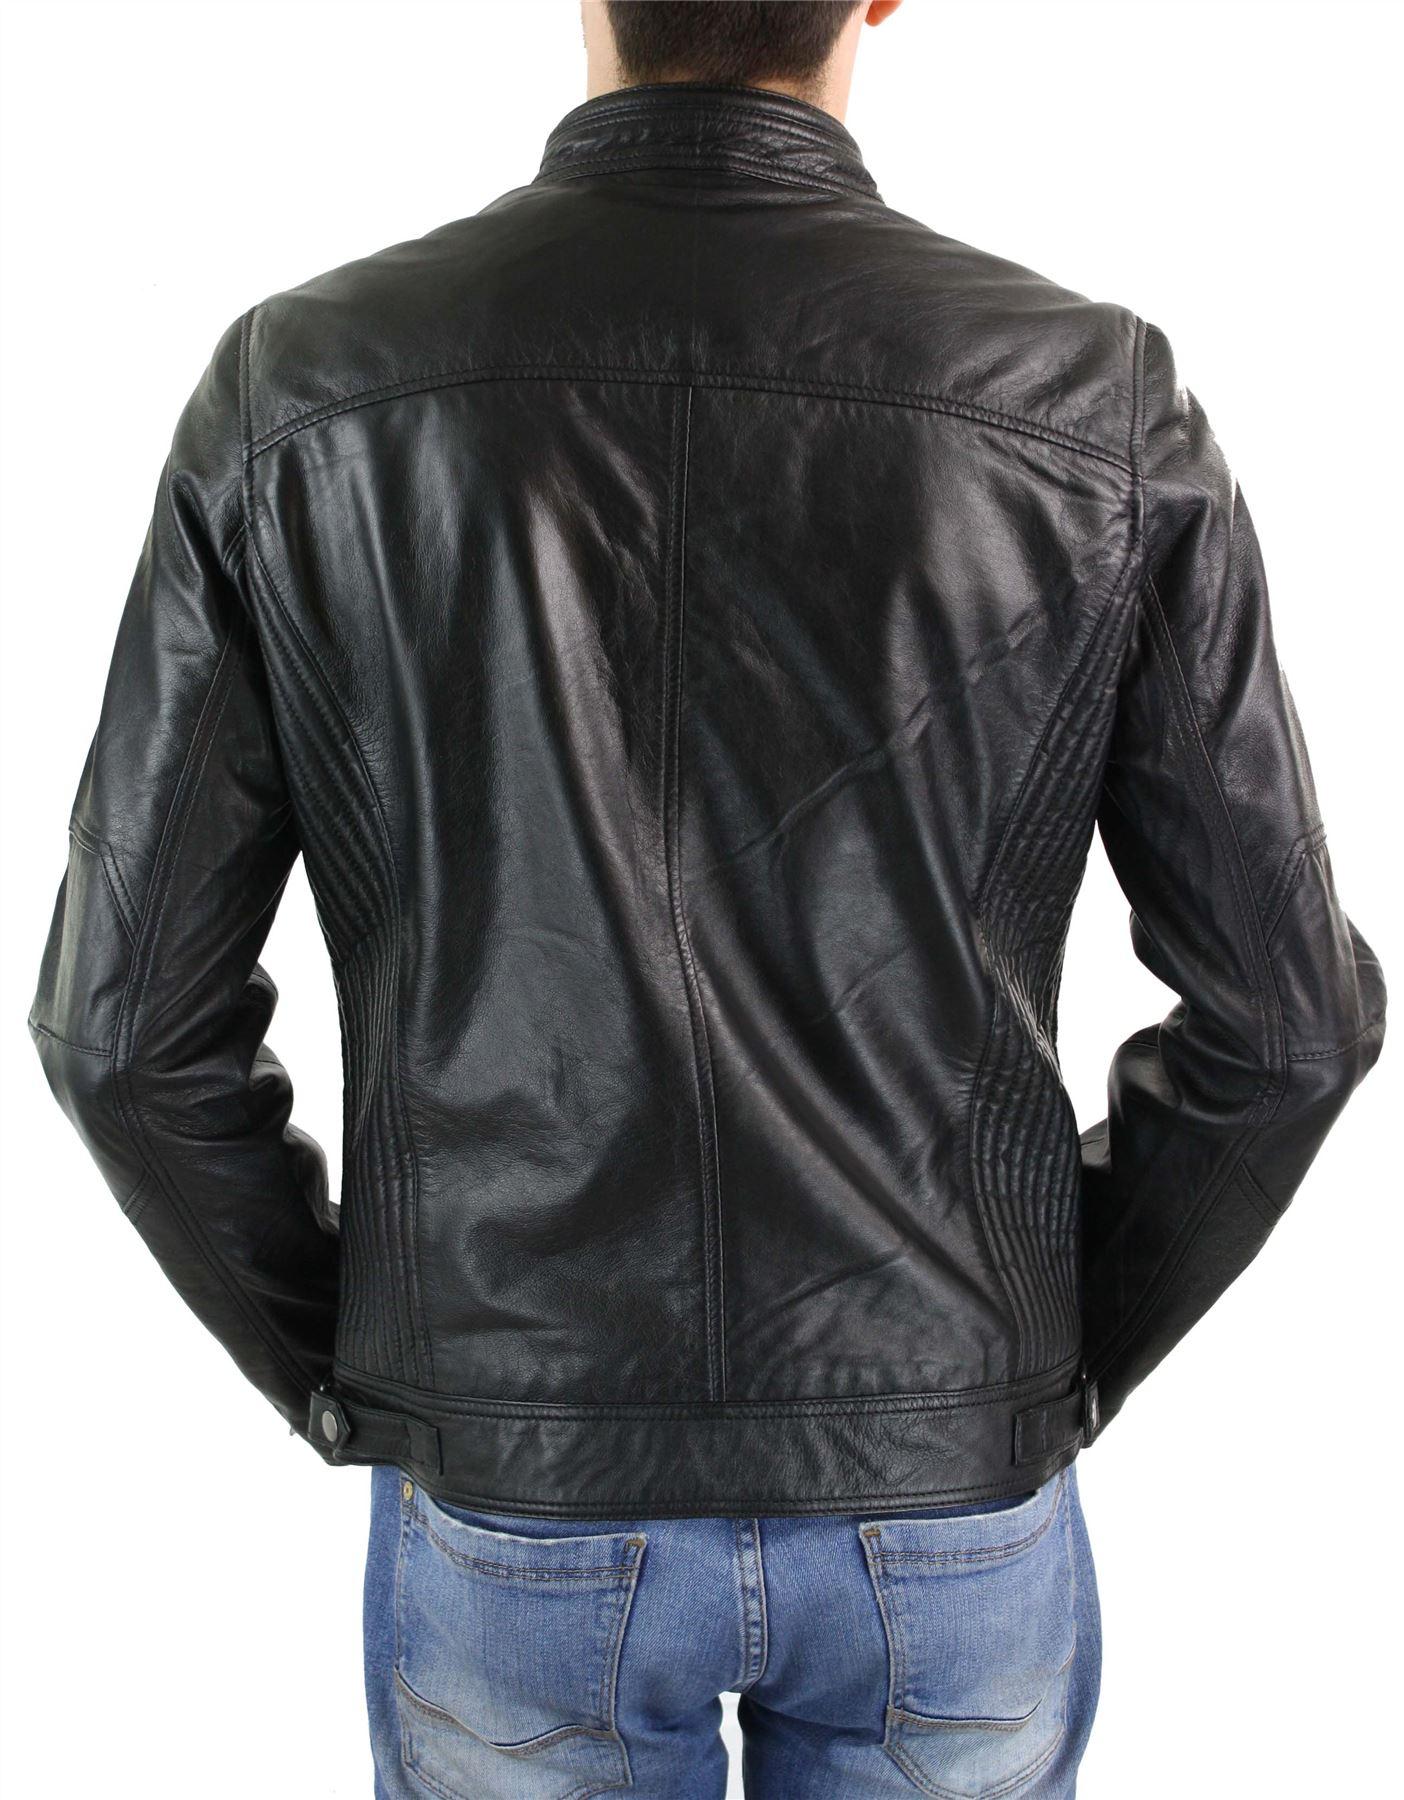 8c5409f1882a2 Blouson zippé homme cuir véritable style biker chic décontracté noir ...